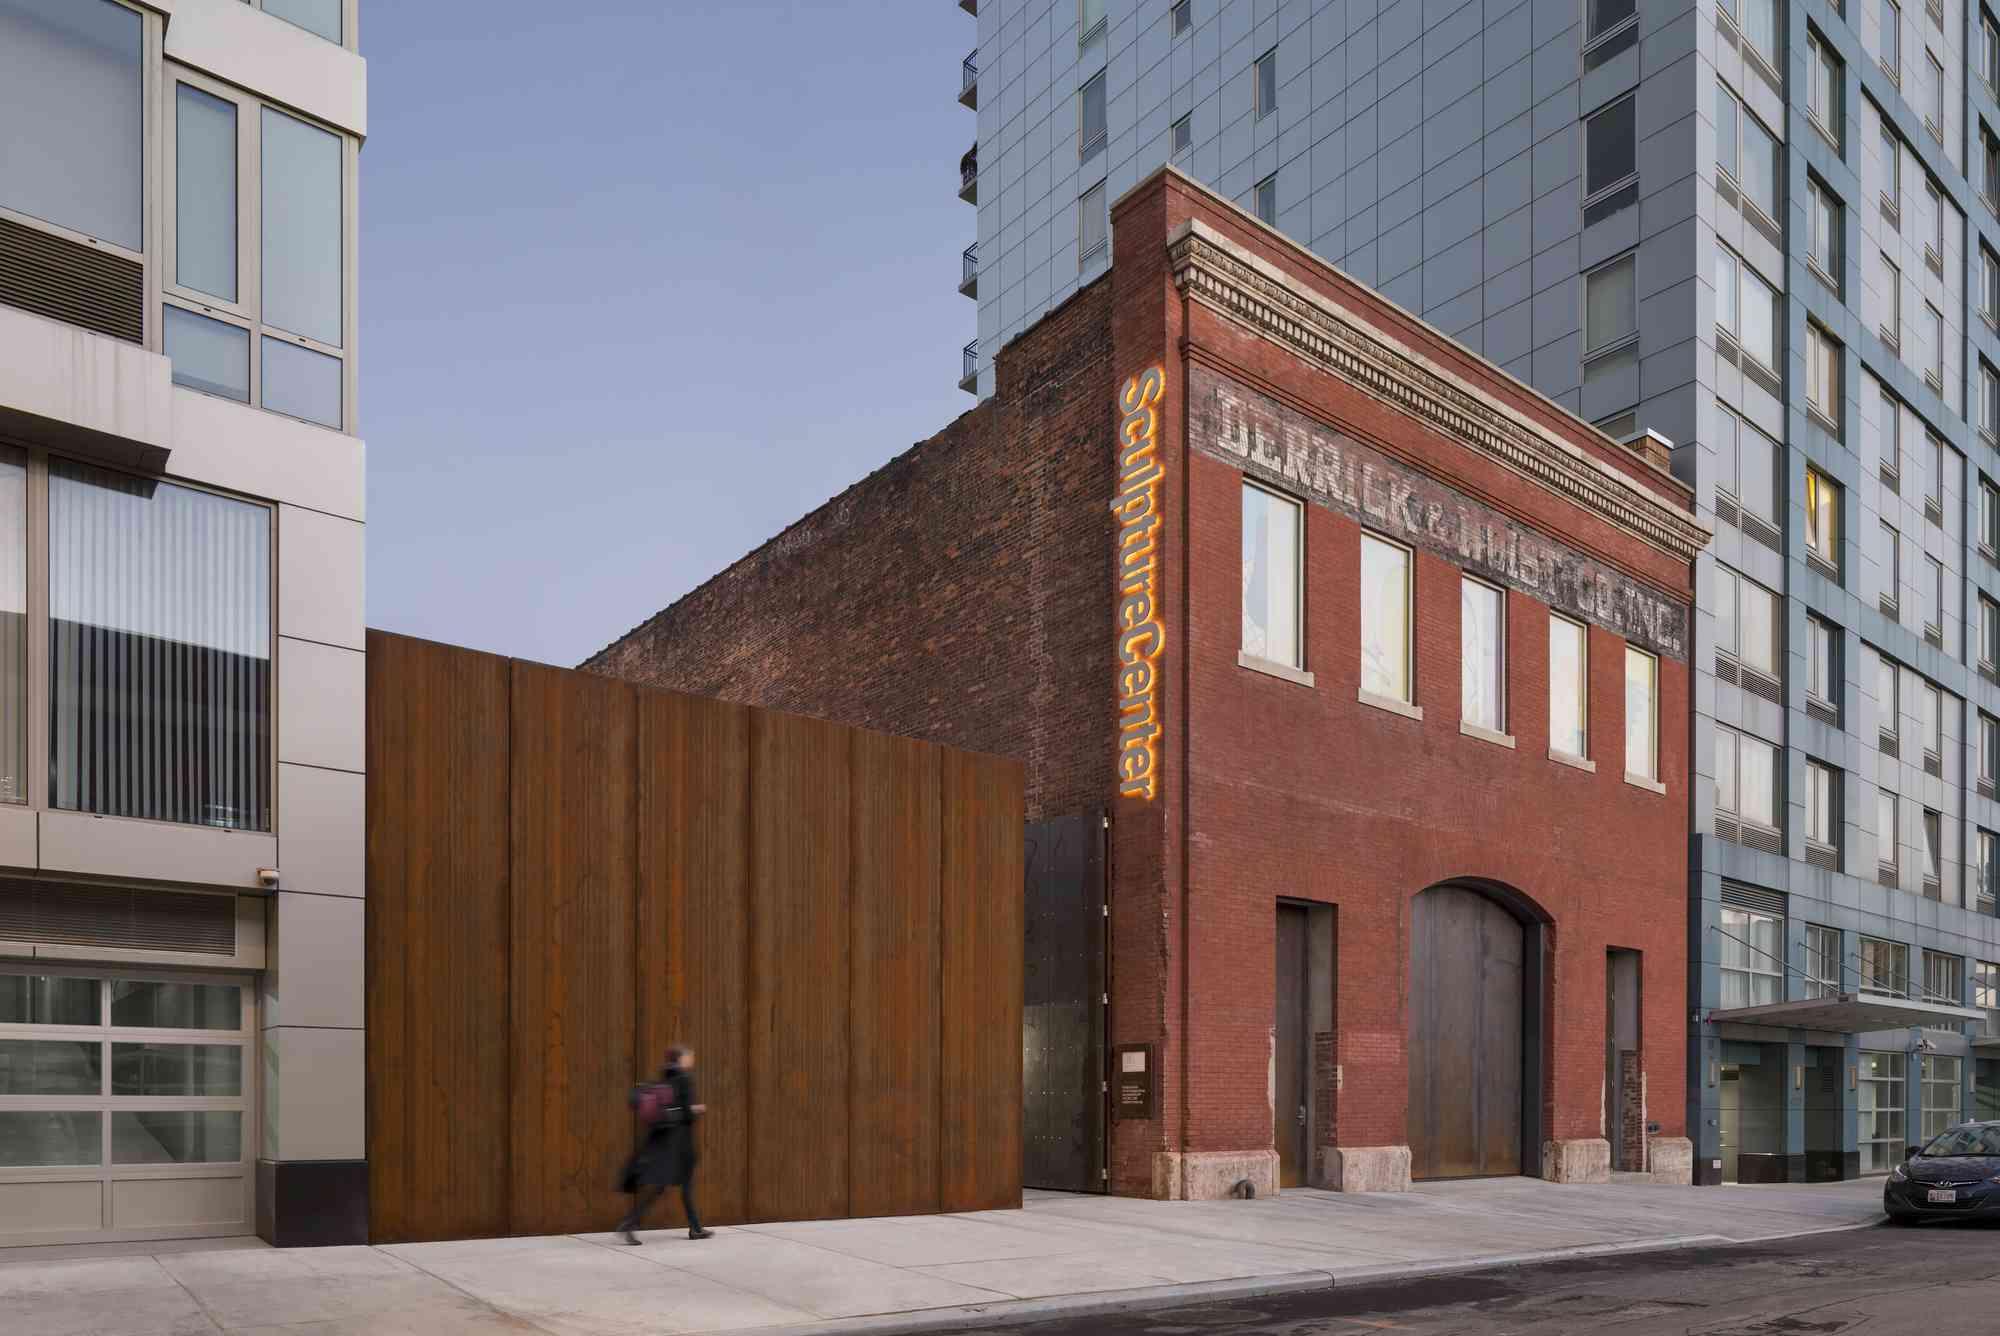 The exterior of SculptureCenter